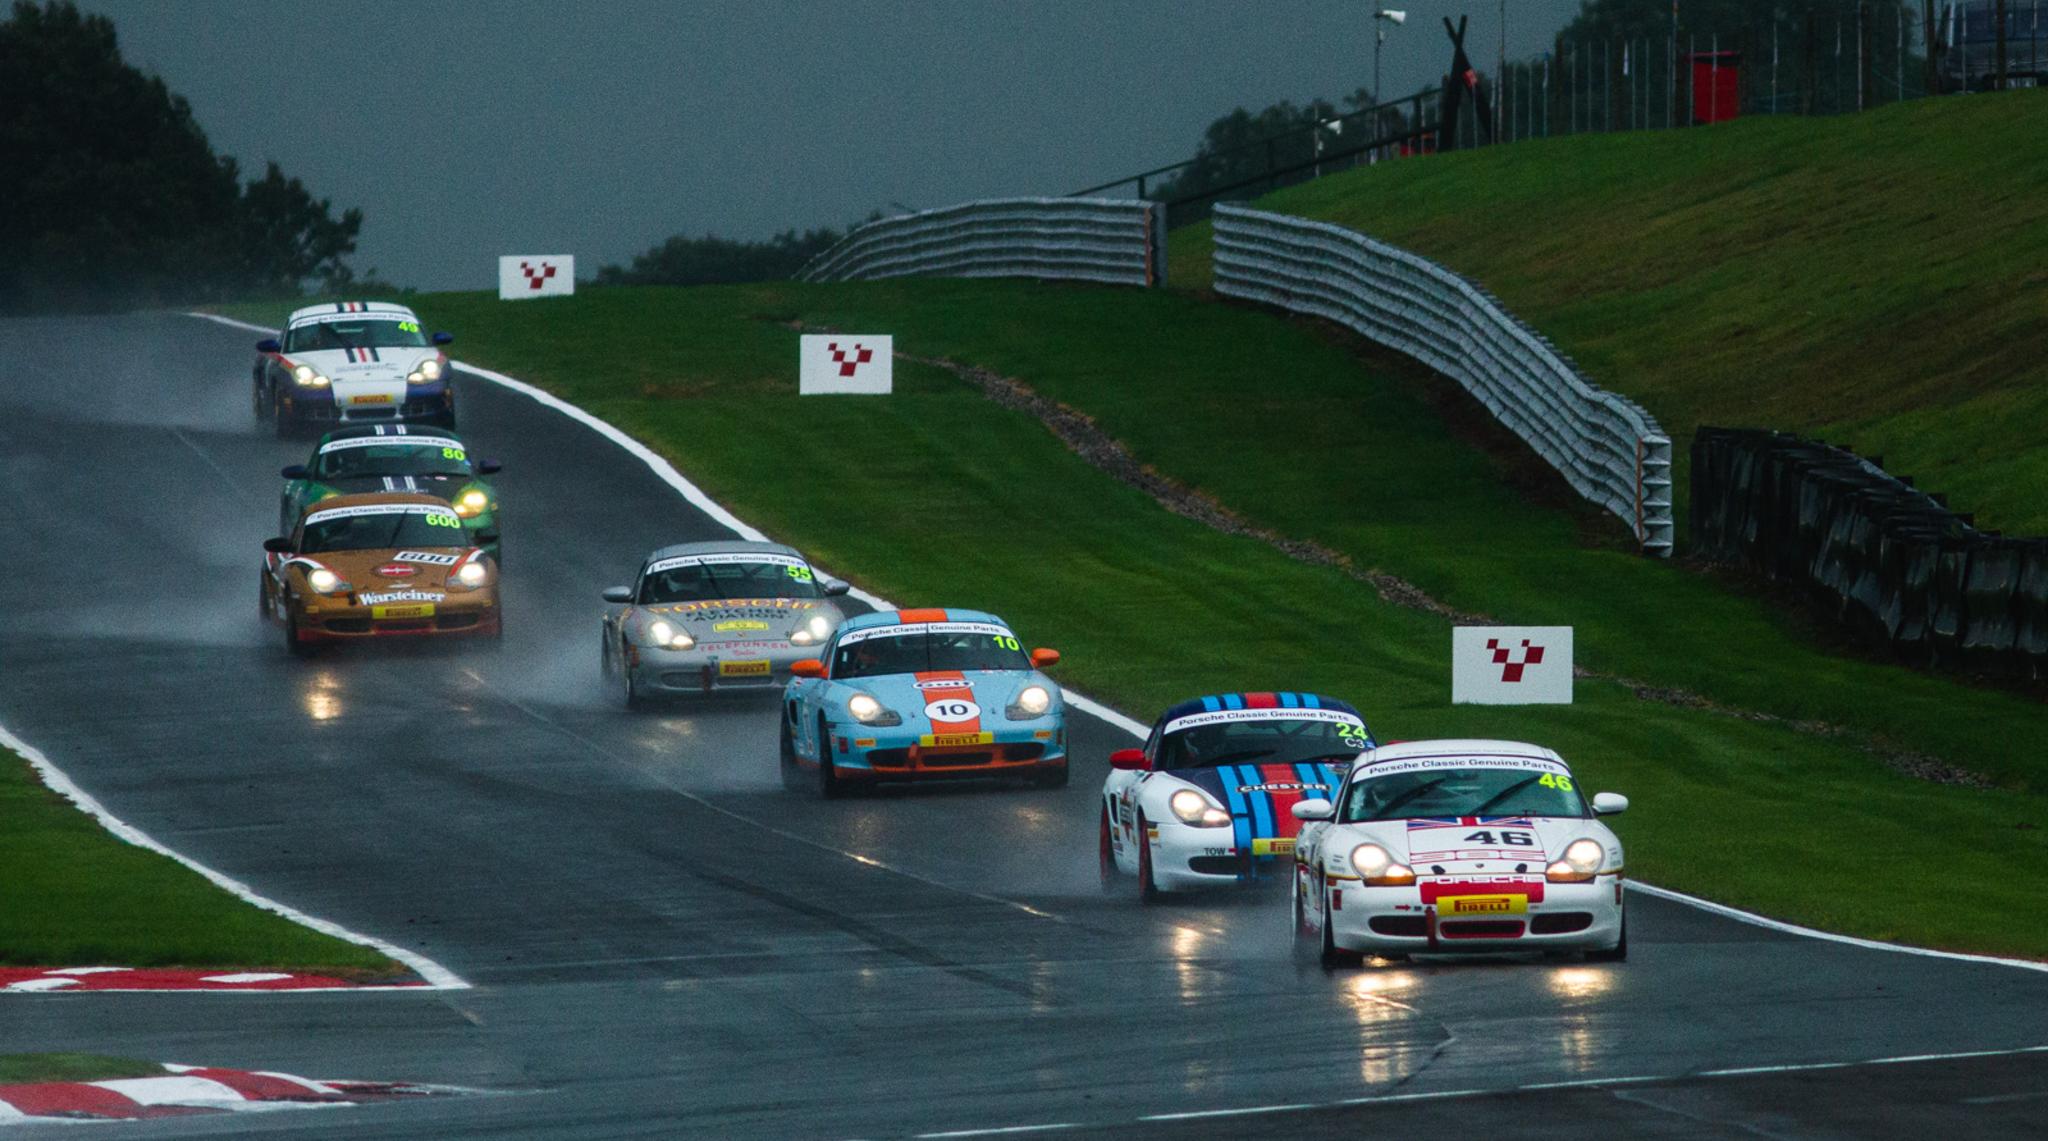 Porsche Restoracing In The Rain